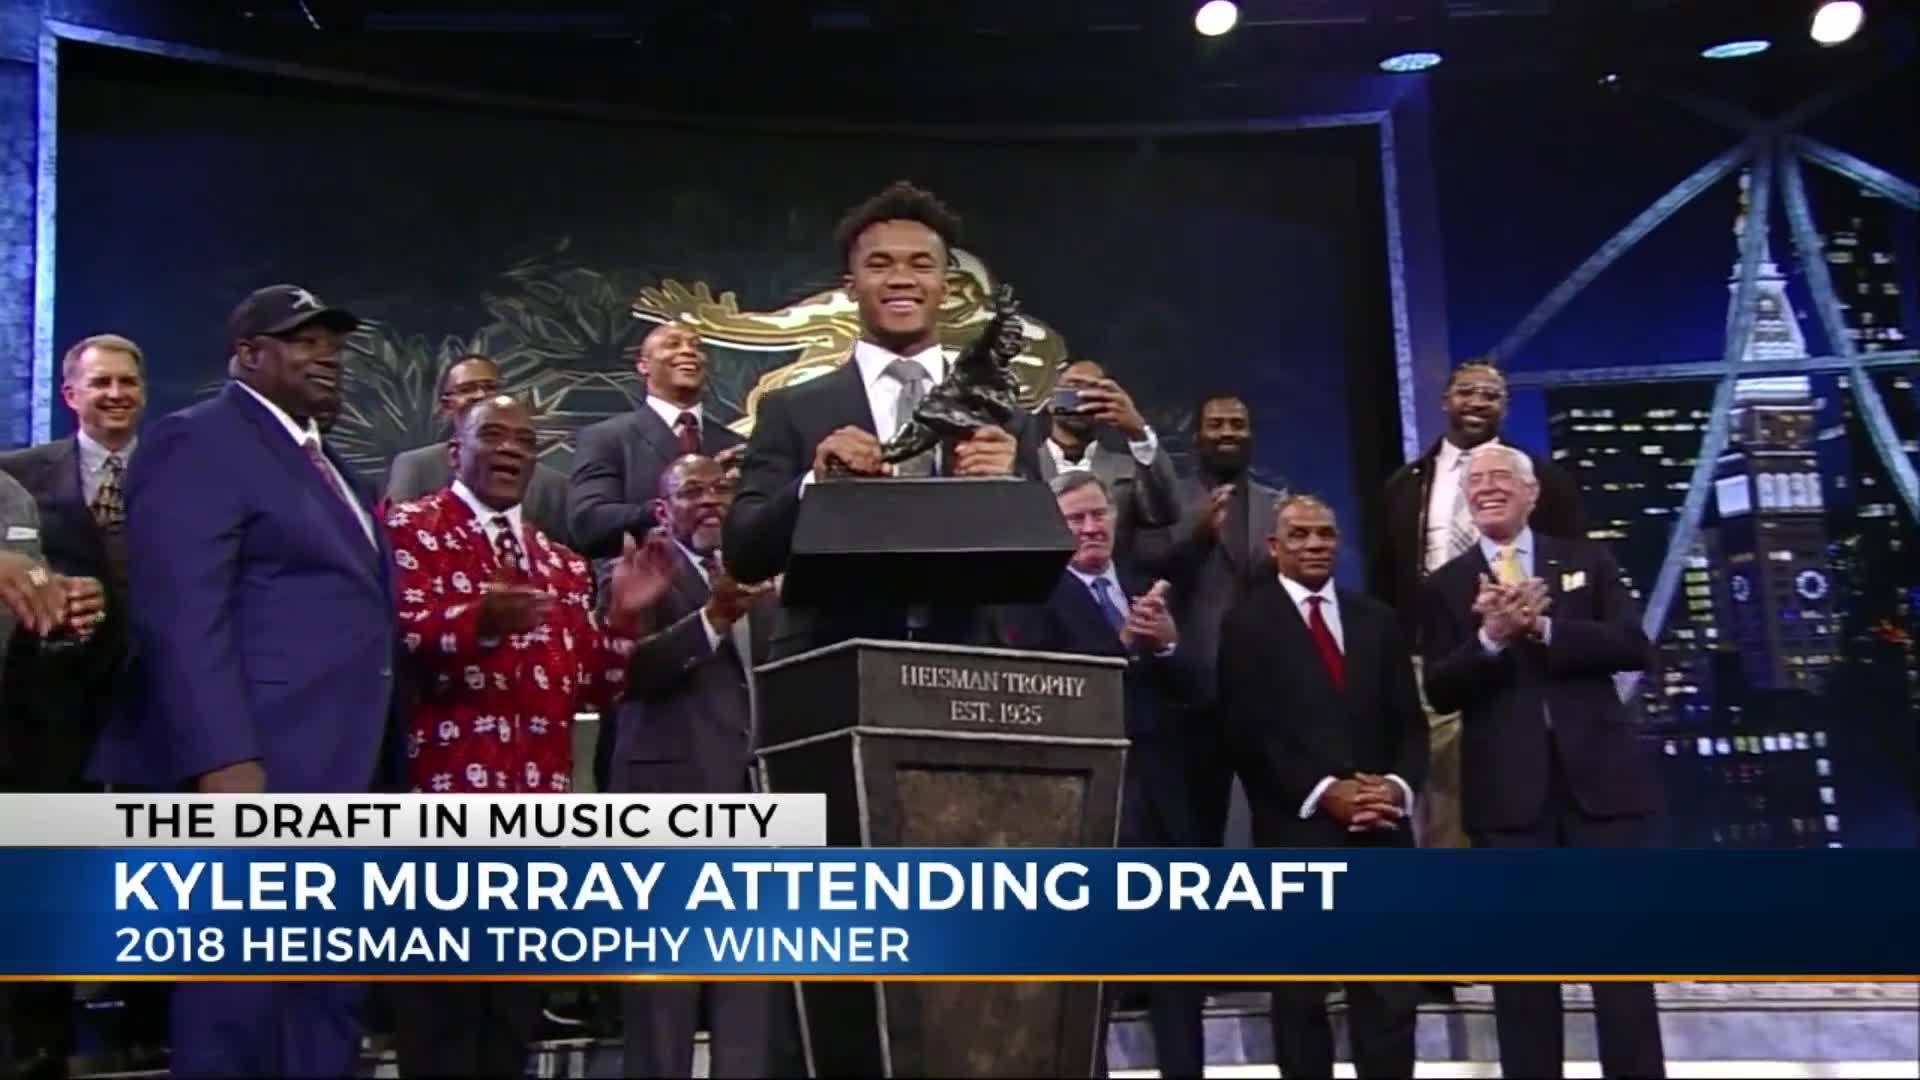 Heisman winner Kyler Murray heads list of Draft attendees